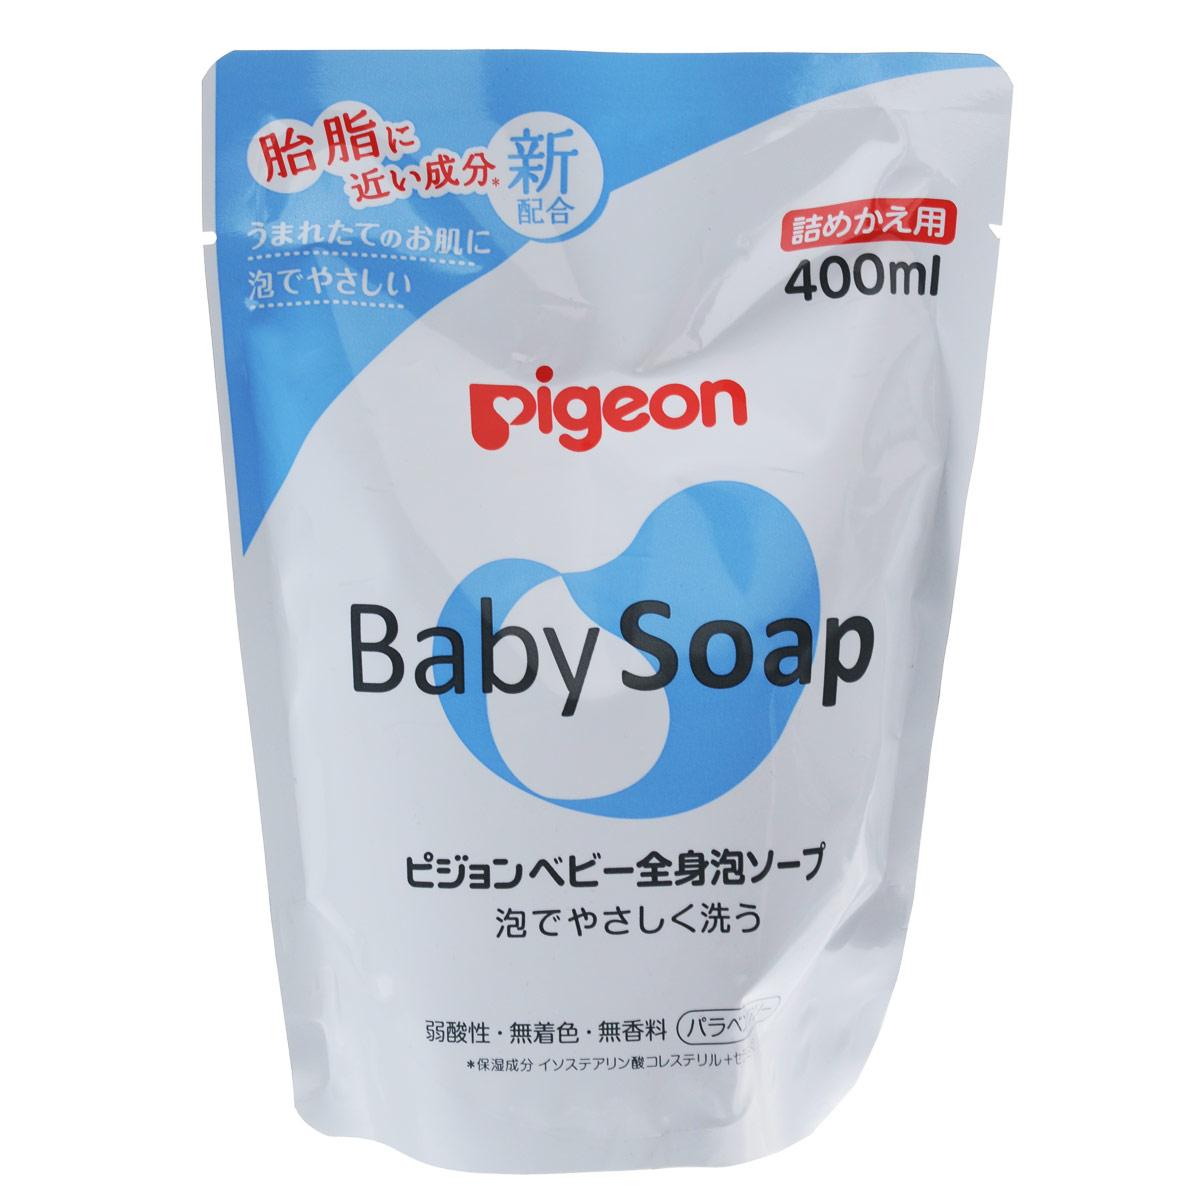 PIGEON Мыло-пенка для младенцев с рождения, сменный блок, 400мл.HG 5585Мыло-пенка Pigeon разработано специально для мытья малыша с рождения. Низкий уровень кислотности такой же, как у нежной кожи младенца.Содержит керамиды, защищающие кожу от потери влаги, делают ее устойчивой к неблагоприятным факторам внешней среды.Моющие аминокислотные компоненты способствуют увлажнению кожи.Не содержит красителей и ароматизаторов.Тщательно моет деликатную кожу младенца, сохраняя ее влажность. Характеристики:Объем: 400 мл.Товар сертифицирован.